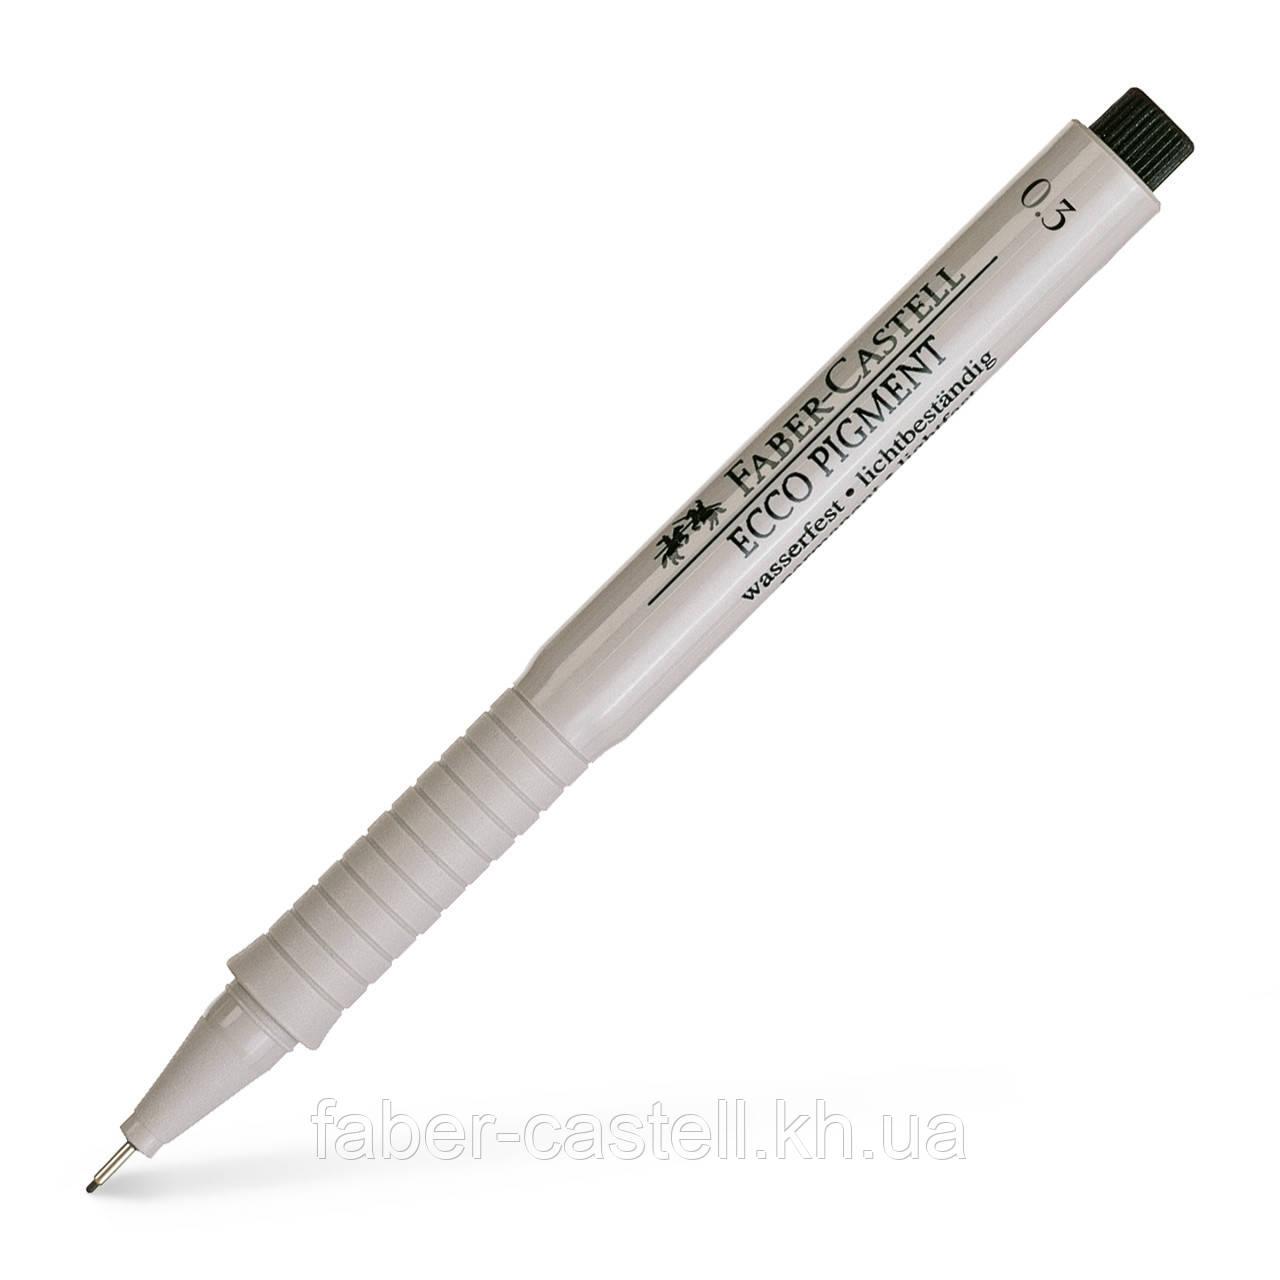 Ручка капиллярная для графических работ Faber-Castell Ecco Pigment, диаметр 0,3 мм, цвет чёрный, 166399